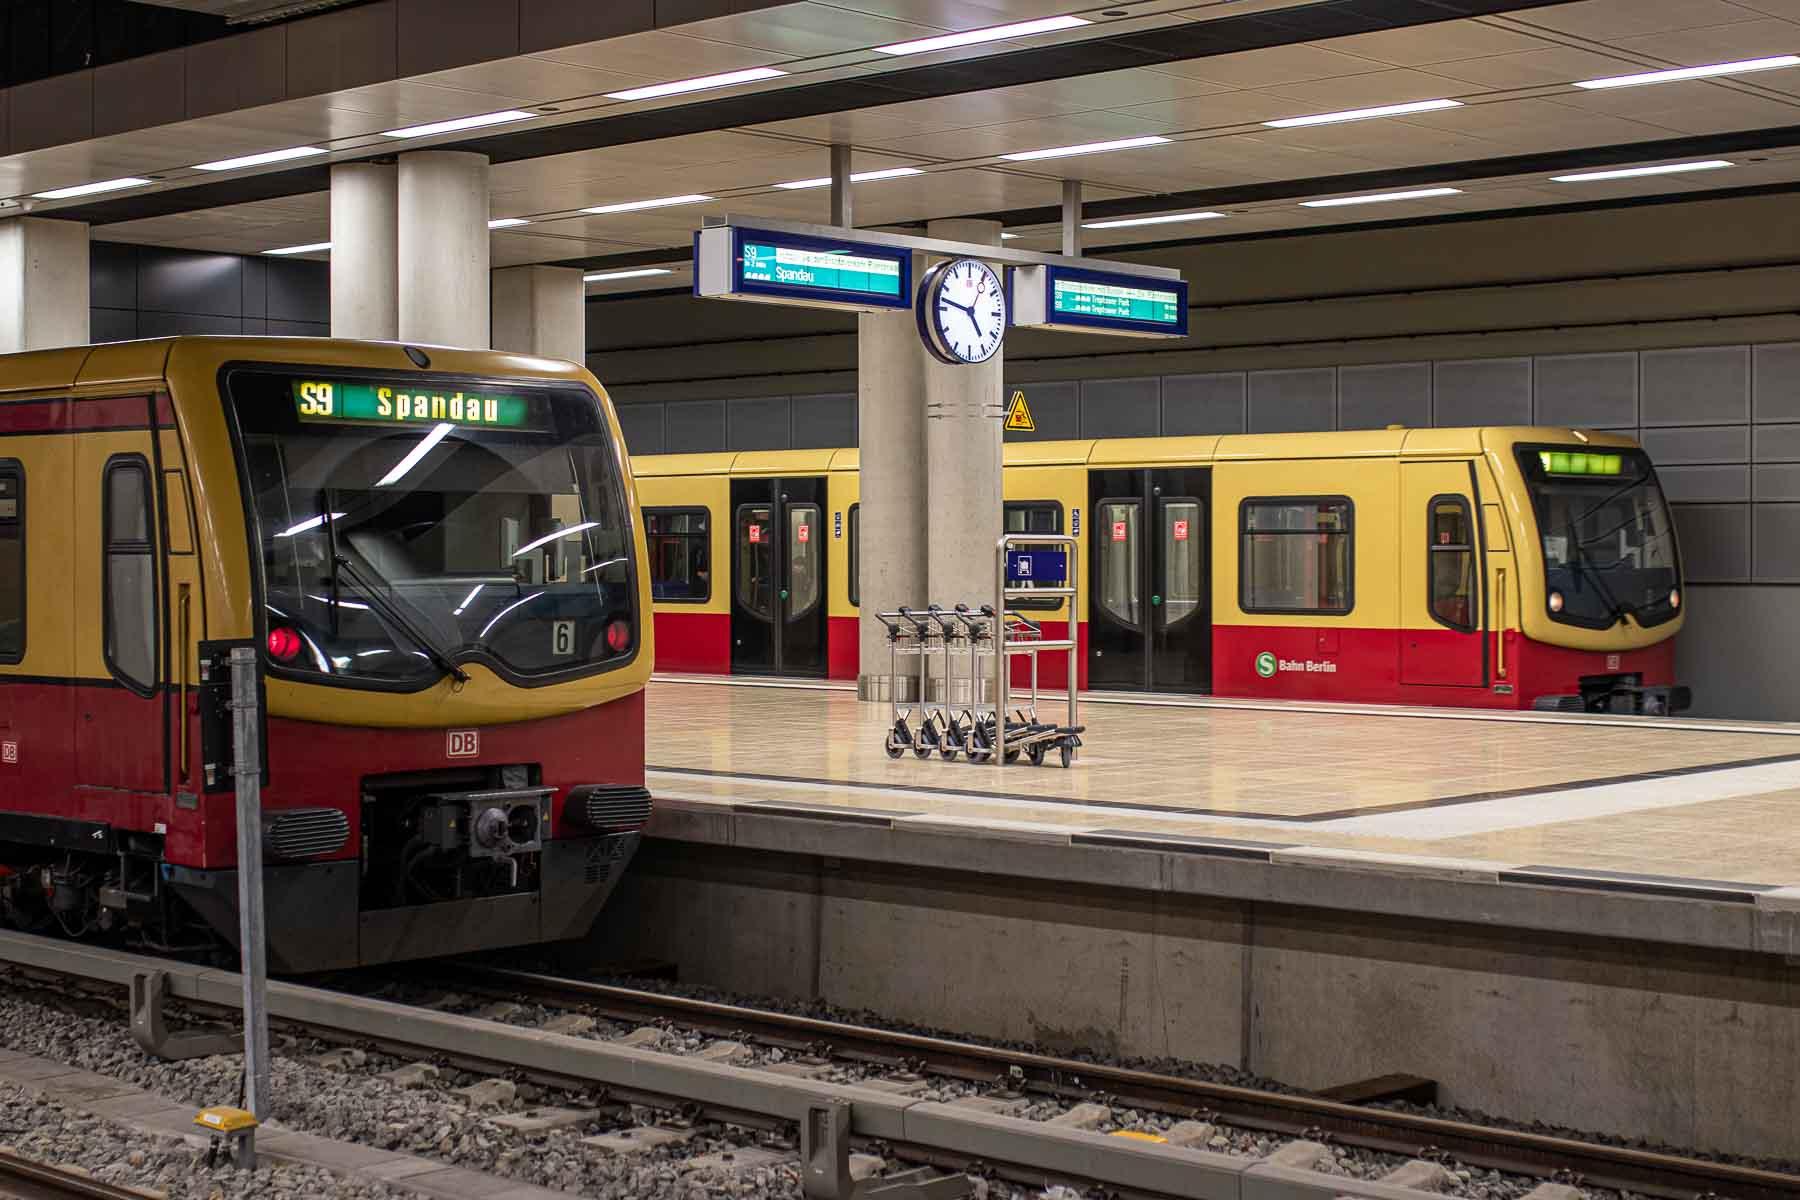 S-Bahnverbindung Linien zum Flughafen BER